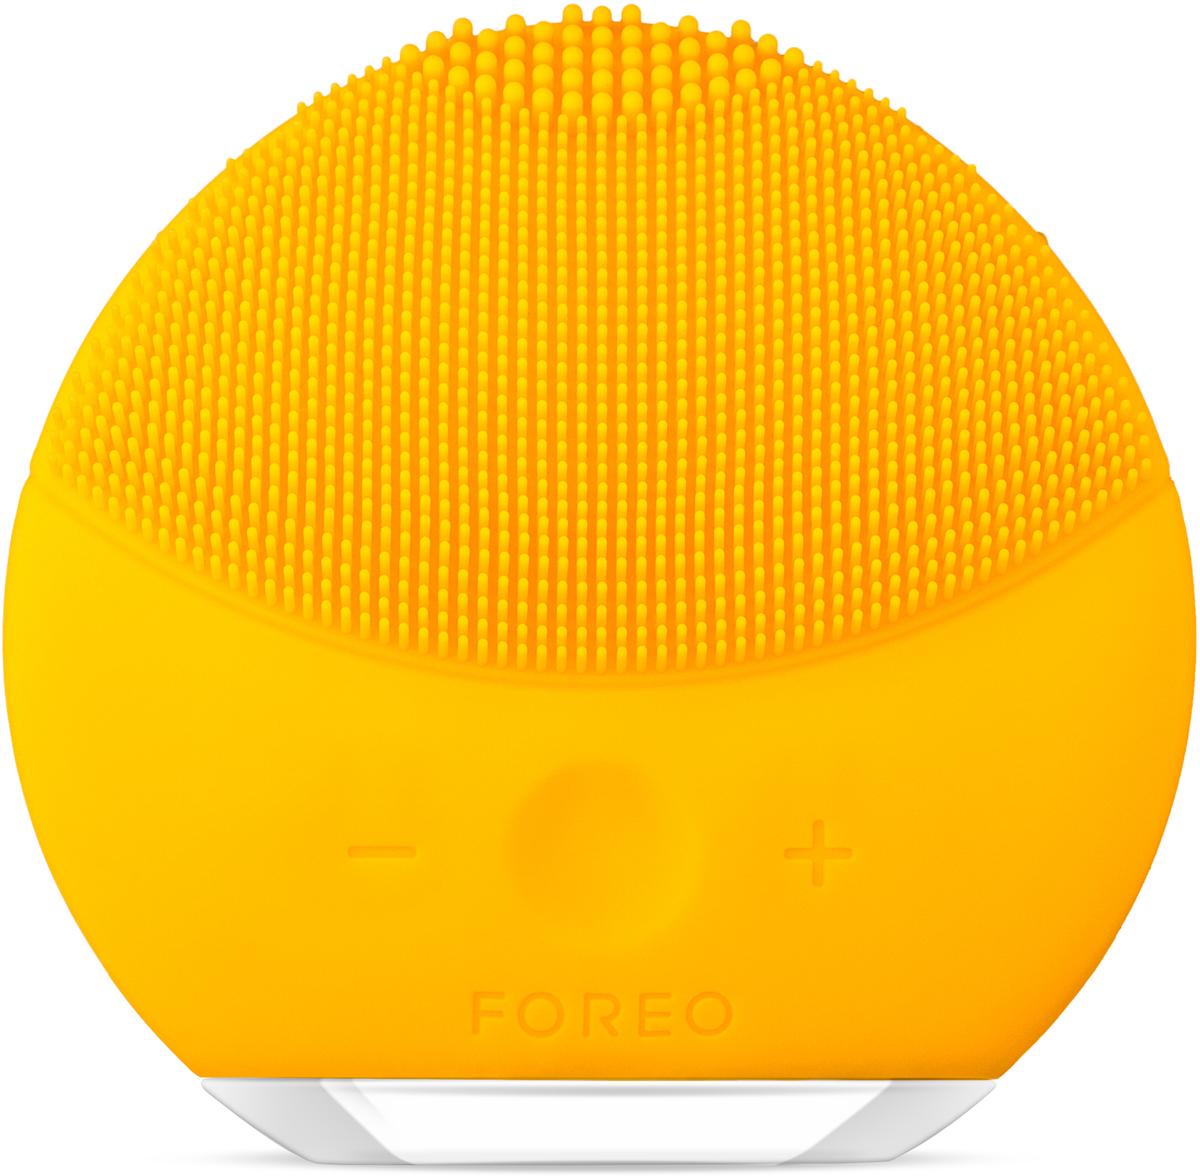 Foreo Щетка для очищения лица LUNA mini 2, цвет: Sunflower Yellow (желтый)F6255LUNA mini 2 от шведского бьюти бренда FOREO это компактная щетка для очищения лица с усовершенствованной технологией TSonic, 8 ю уровнями интенсивности и индивидуальной настройкой очистки. Всего 1 минута дважды в день и твоя кожа всегда будет свежей, чистой и более гладкой. Мягкие силиконовые щетинки, передающие до 8000 T Sonic пульсаций в минуту, глубоко, но нежно очищают поры кожи от 99,5% грязи, кожного жира и остатков макияжа. Электрическая щетка для лица LUNA mini 2 избавляет кожу от приводящих к воспалениям загрязнений, обеспечивая при этом бережный уход. Электрическая щетка LUNA mini 2 не нуждается в замене головки щетки. Она выполнена из высокопрочного безопасного гипоаллергенного беспористого силикона, предотвращающего скопление бактерий, что делает ее в 35 раз гигиеничнее обычных нейлоновых щеток. Легкая и полностью водонепроницаемая LUNA mini 2 имеет 8 режимов скоростей и идеальна для использования в ванне и душе, полной зарядки прибора хватает на 300 сеансов очистки.